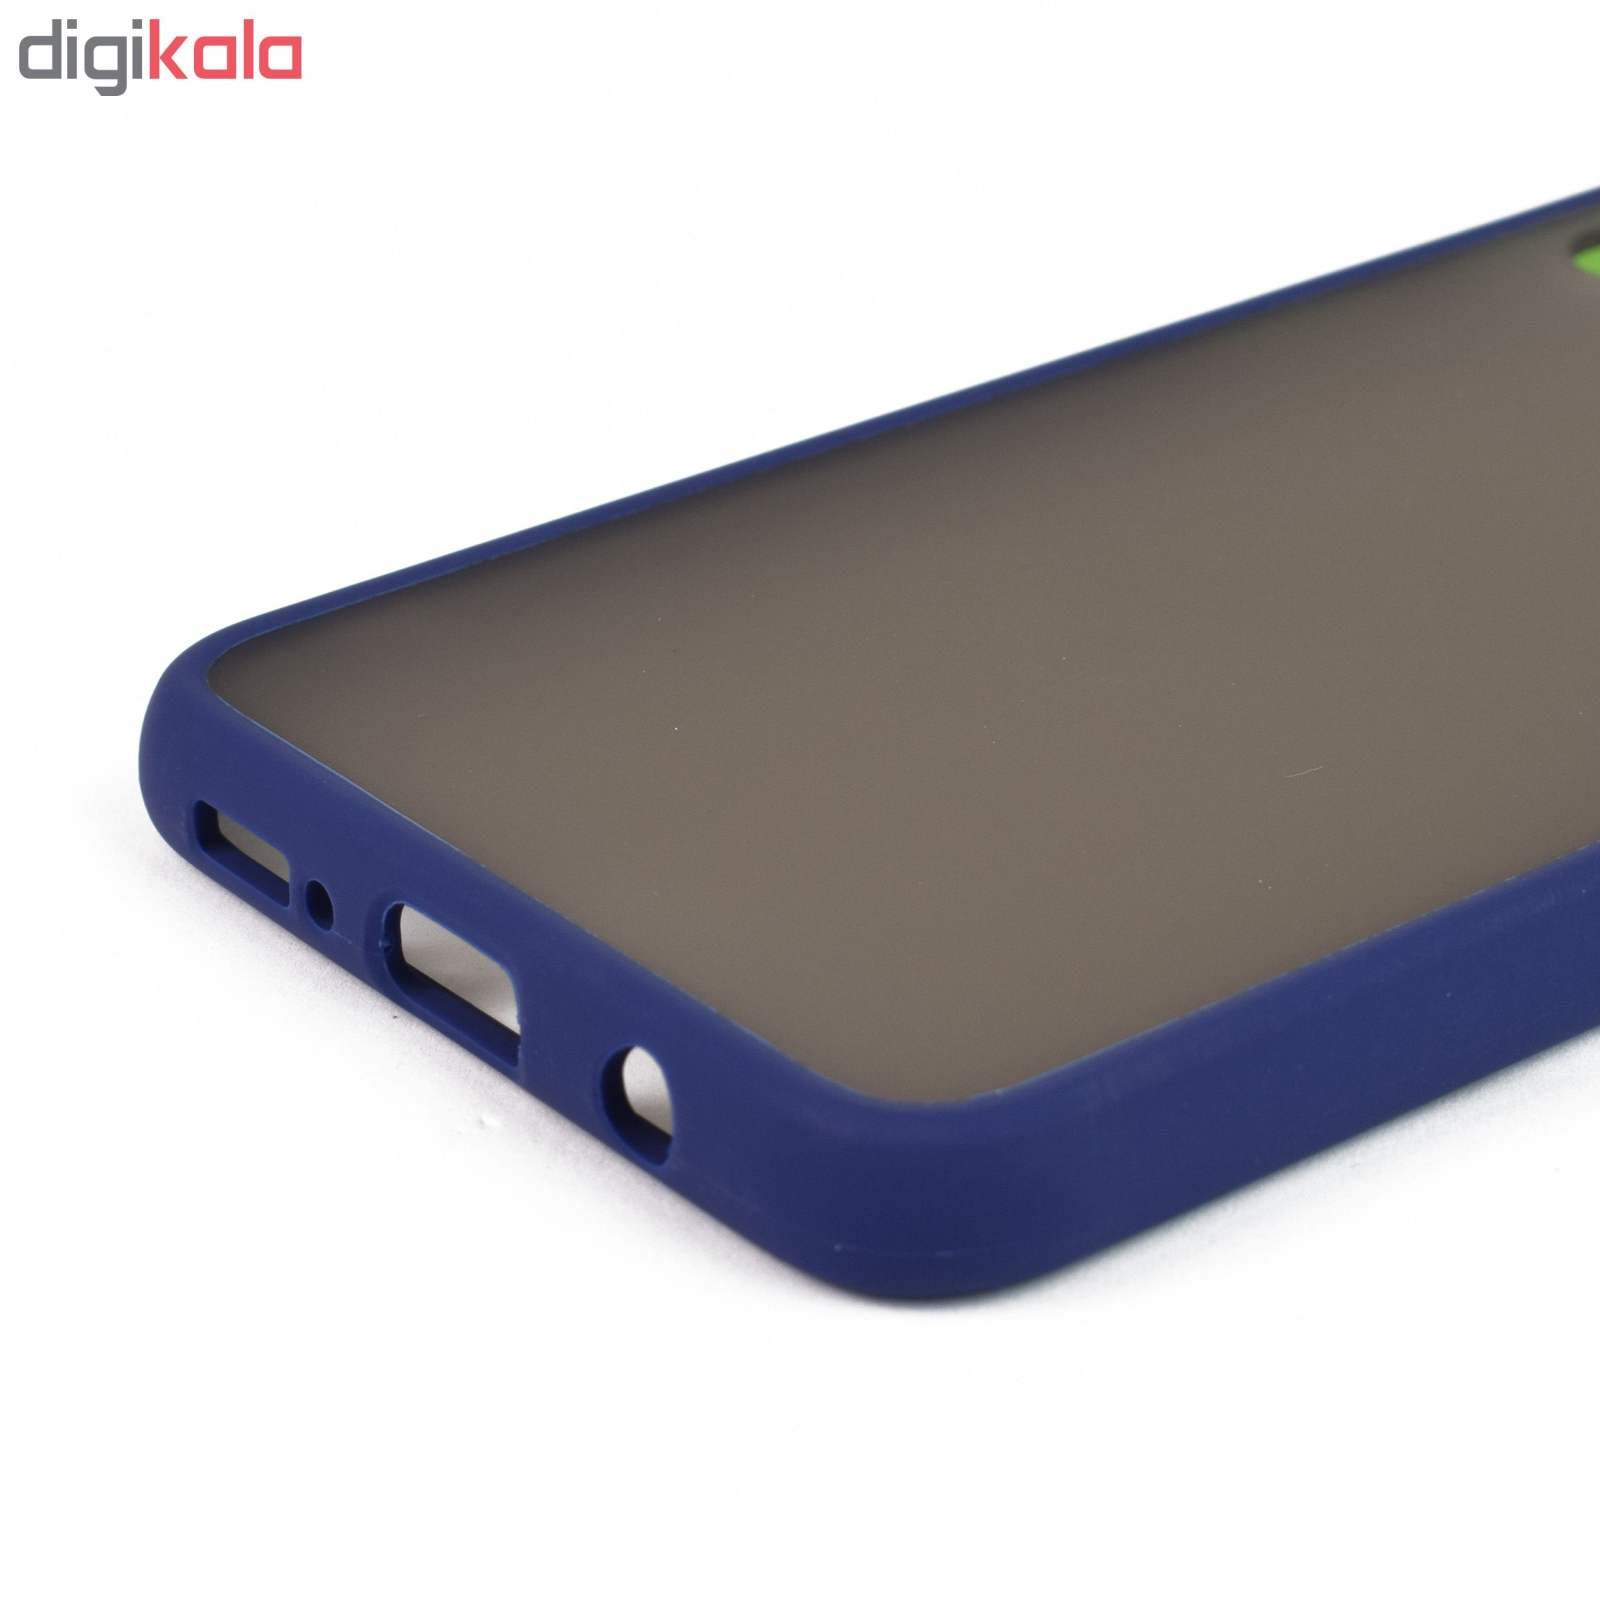 کاور مدل Slico01 مناسب برای گوشی موبایل سامسونگ Galaxy A50 main 1 7